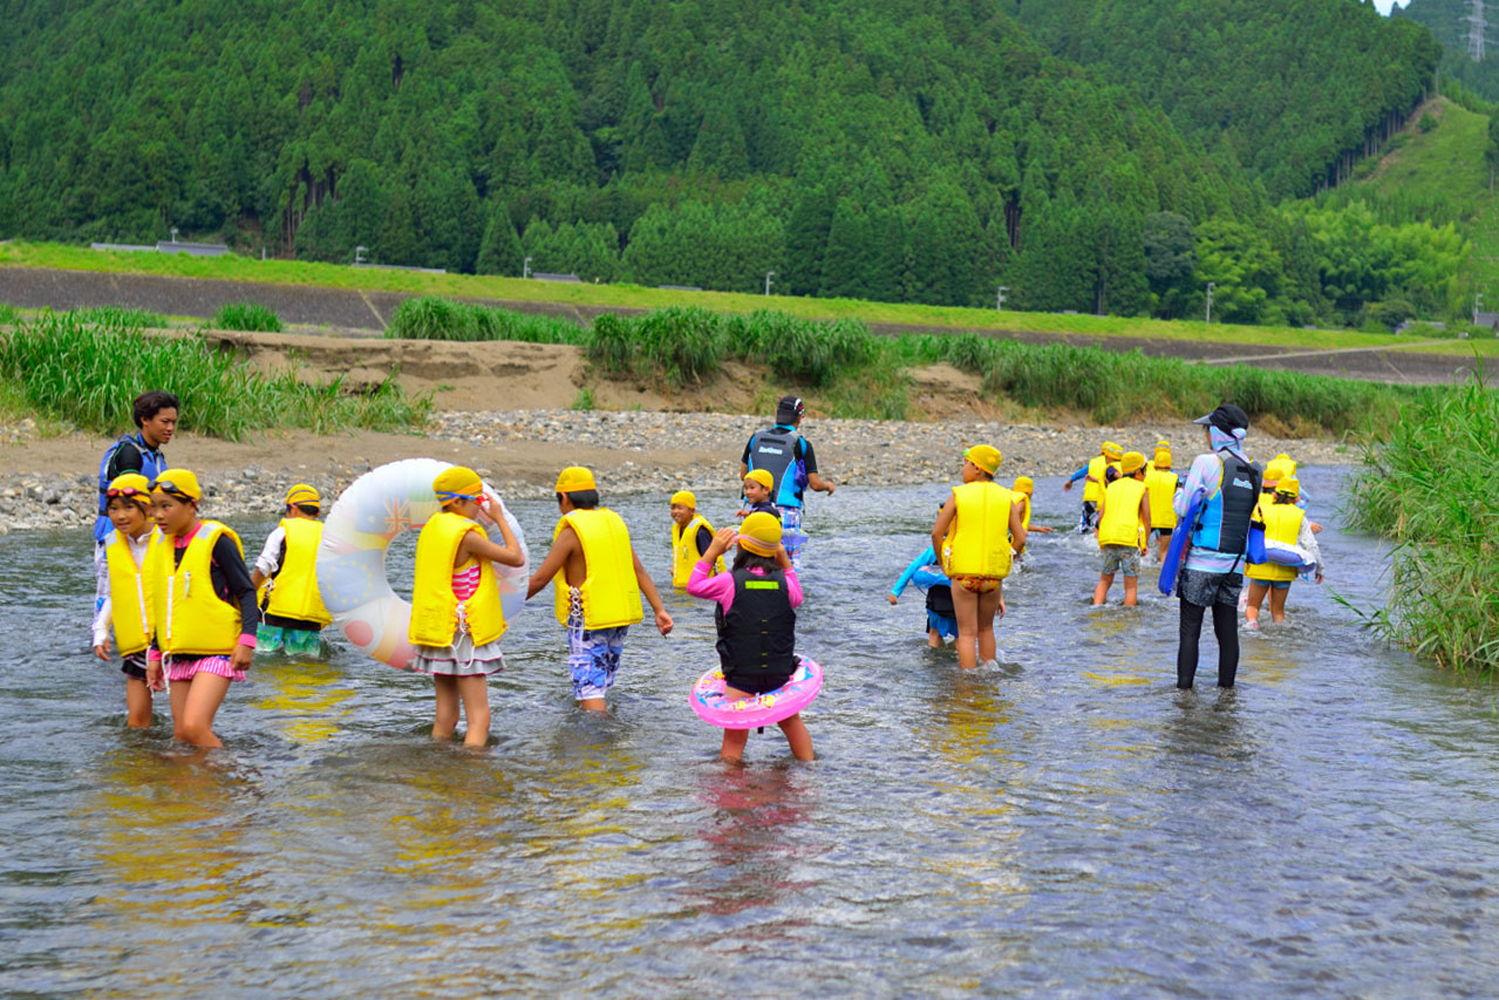 夏キャンプの川遊び